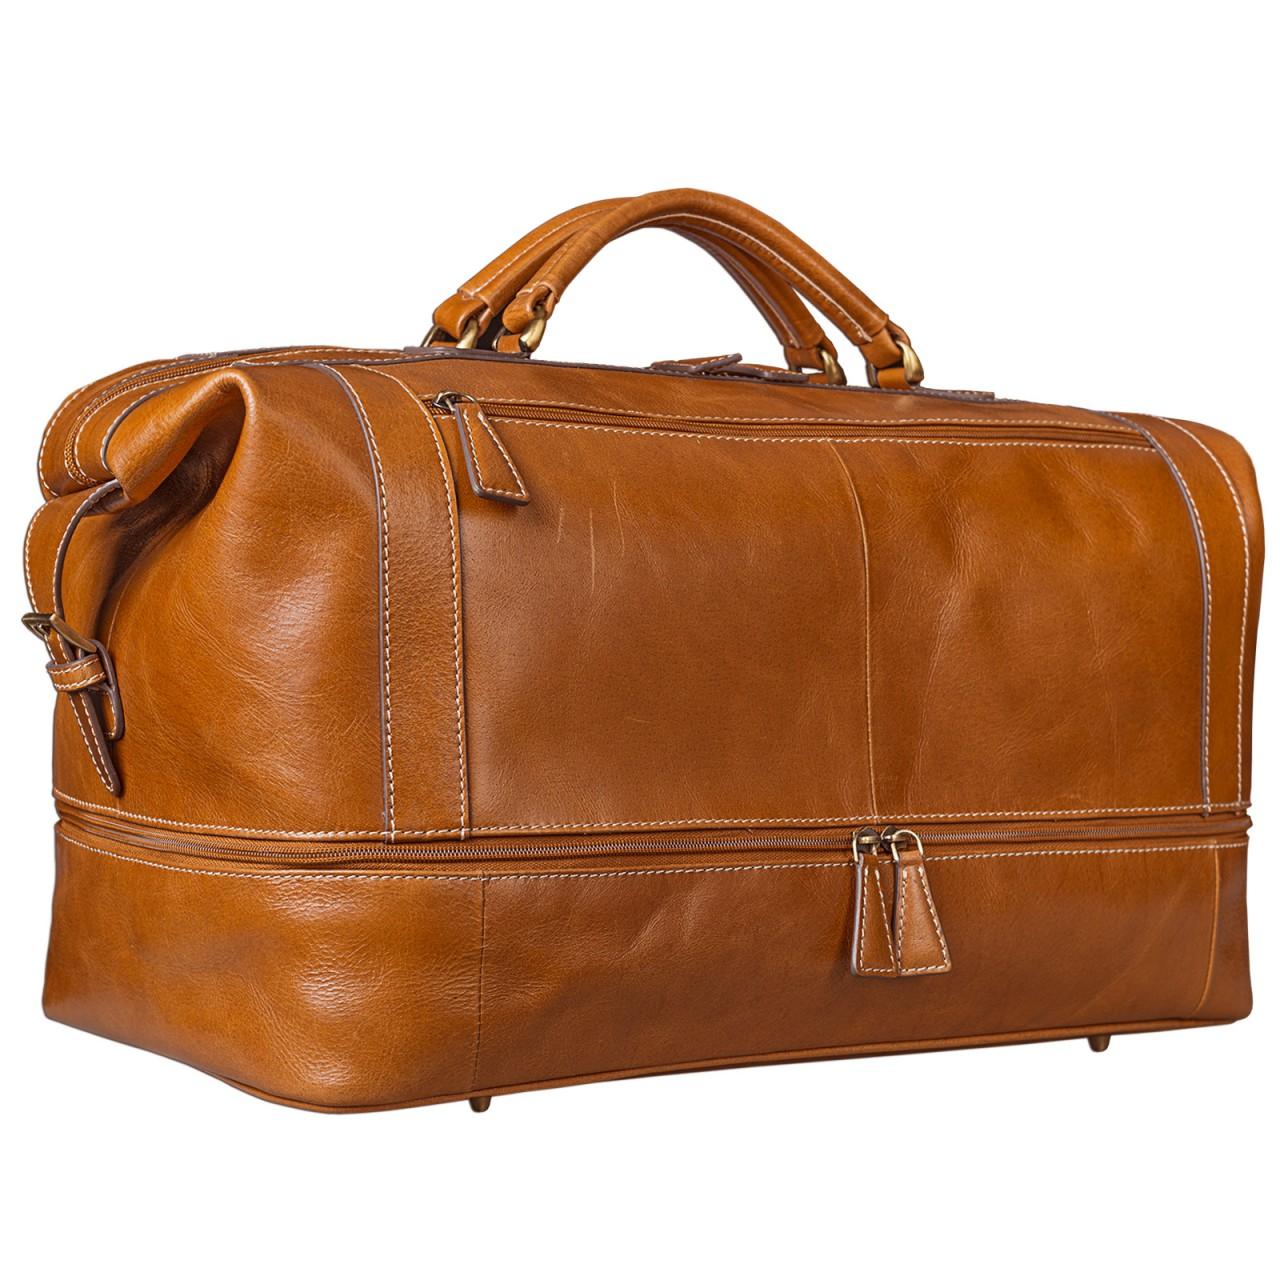 STILORD Vintage Reisetasche aus edlem Rindsleder Urlaub Handgepäck Weekend Bag Sporttasche, echtes Leder, cognac braun - Bild 1